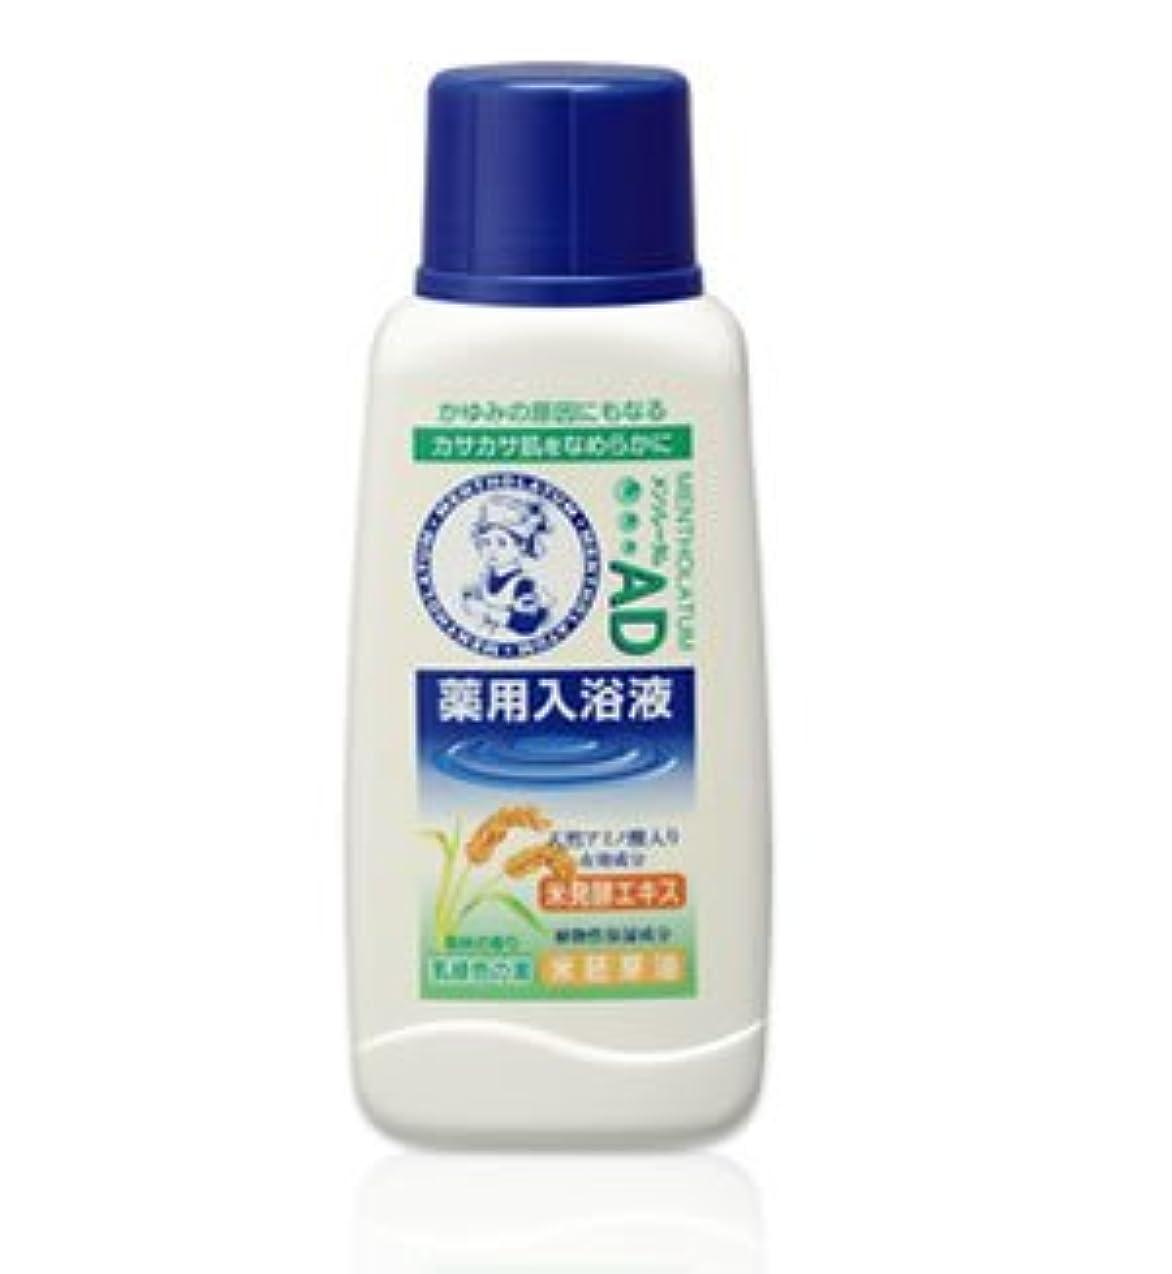 拘束毎週作物(ロート)メンソレータム AD薬用入浴剤 森林の香り720ml(医薬部外品)